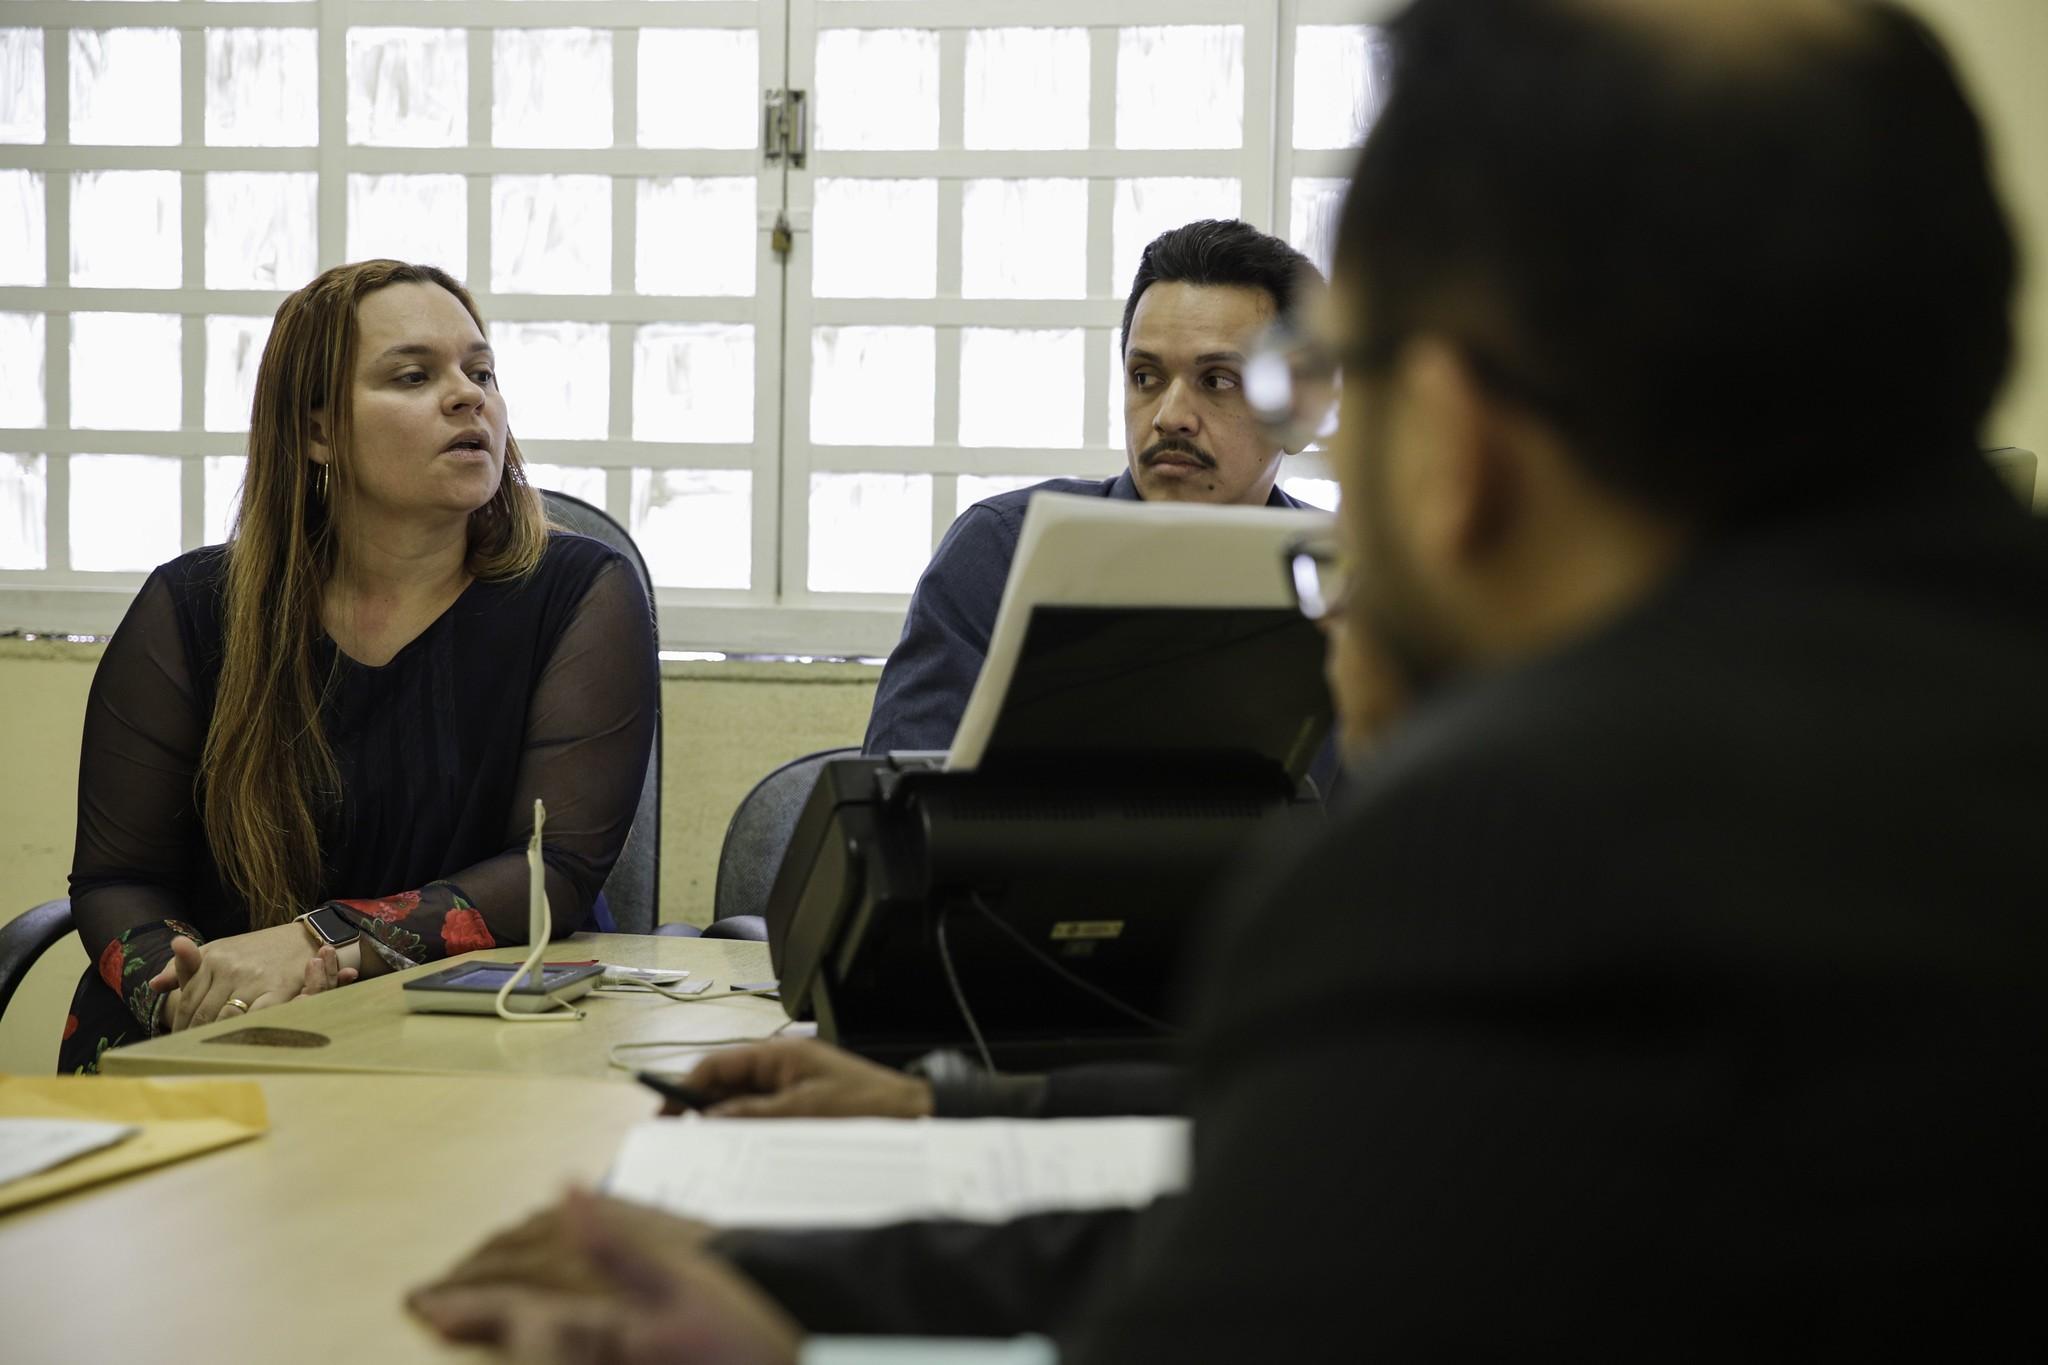 Tecnologia implementada pelo TJAM possibilita parcelamento de débitos decorrentes de sentenças judiciais - Notícias - Plantão Diário